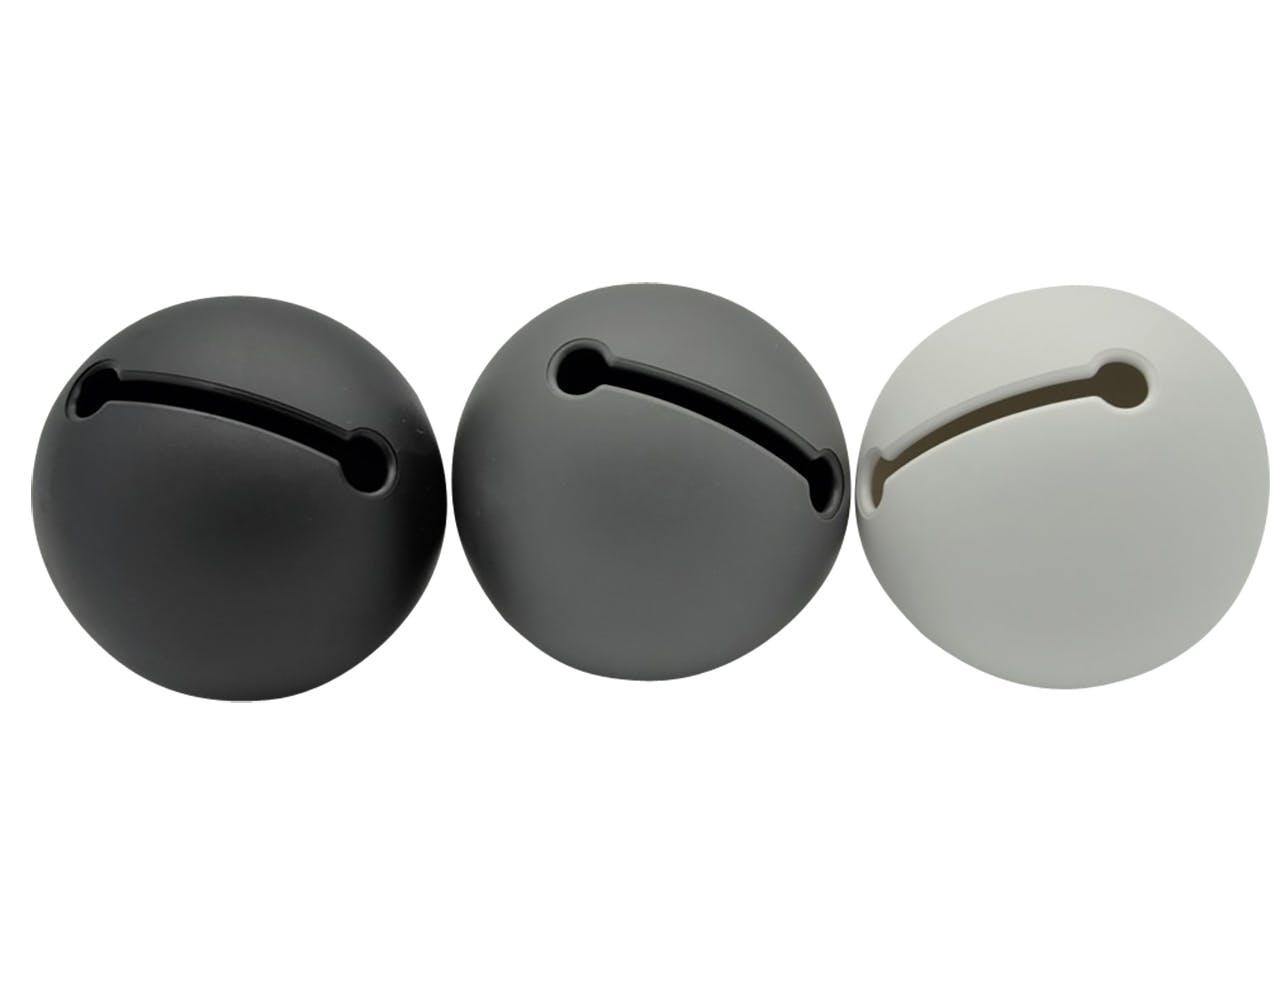 Domusnords Great Balls of Wire ledningsskjuler